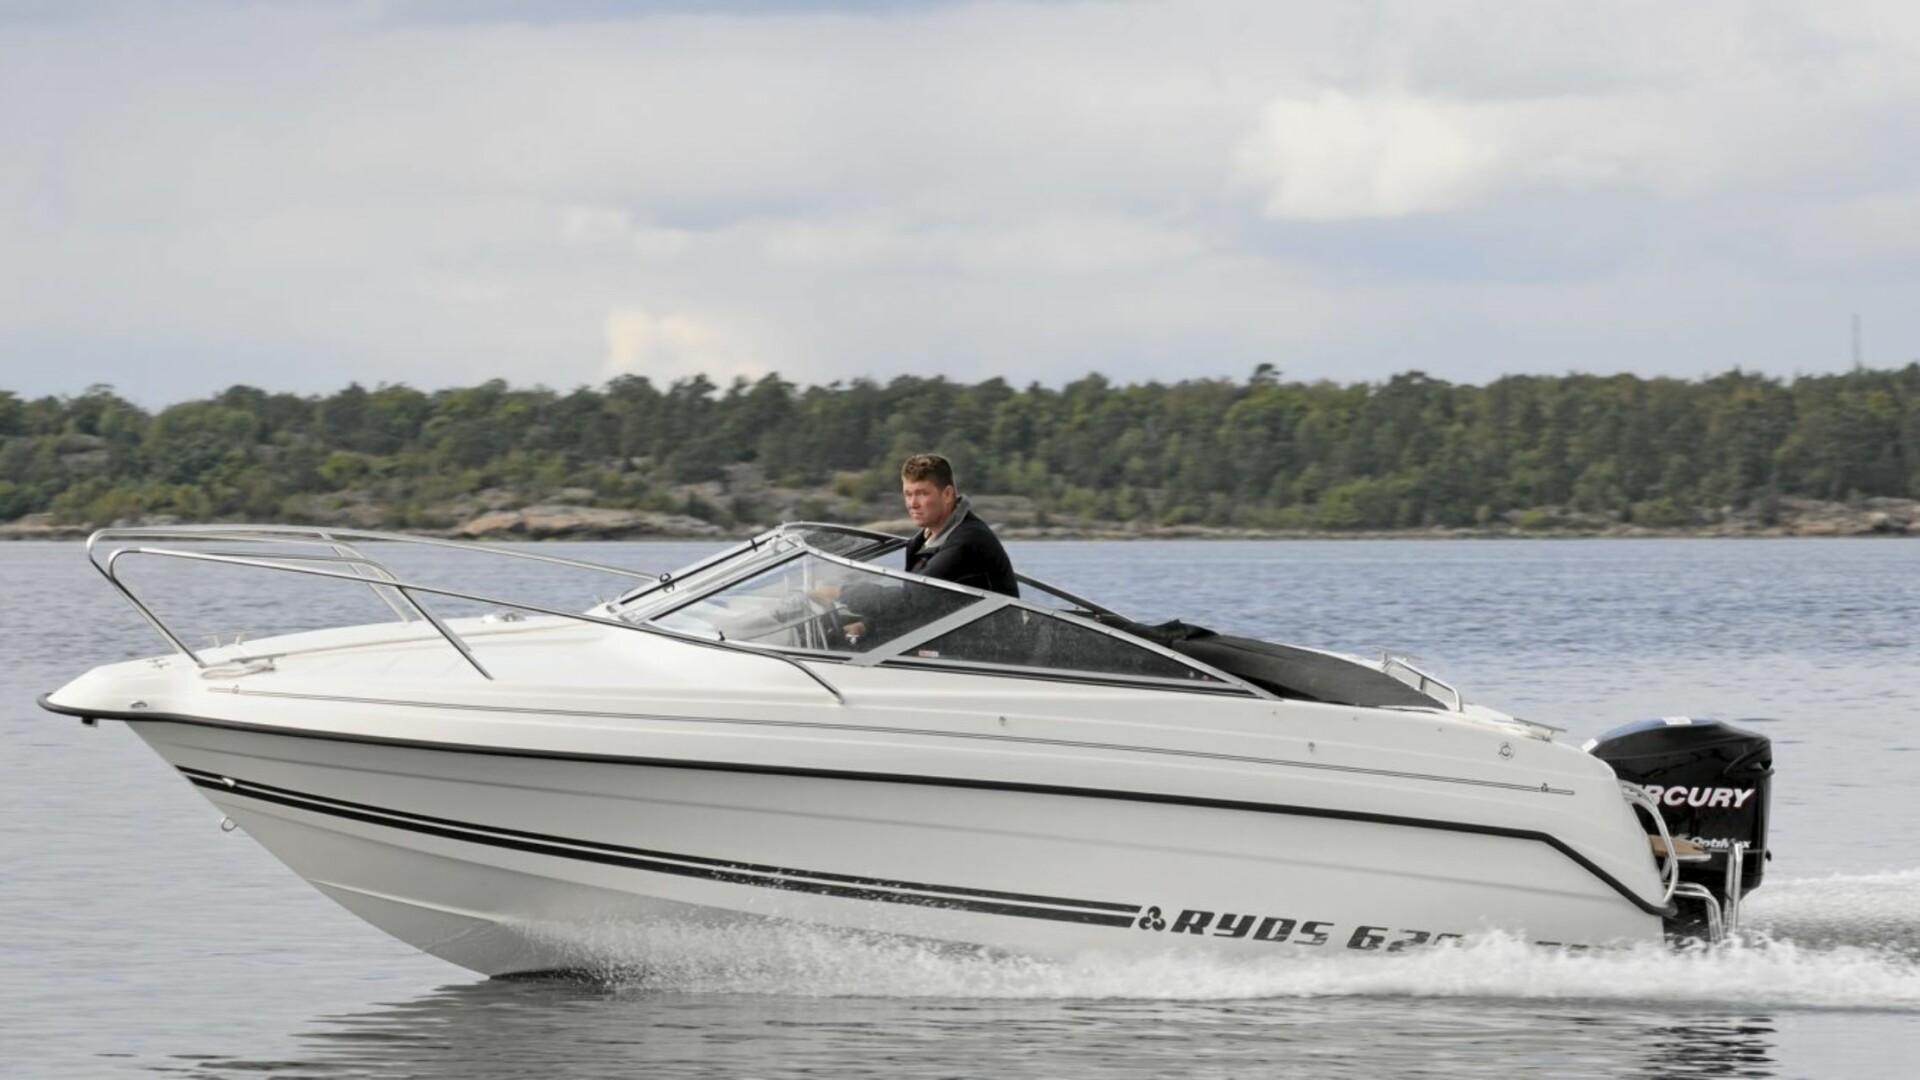 2cf9e68d Guide: Slik kjøper du båt - Båt